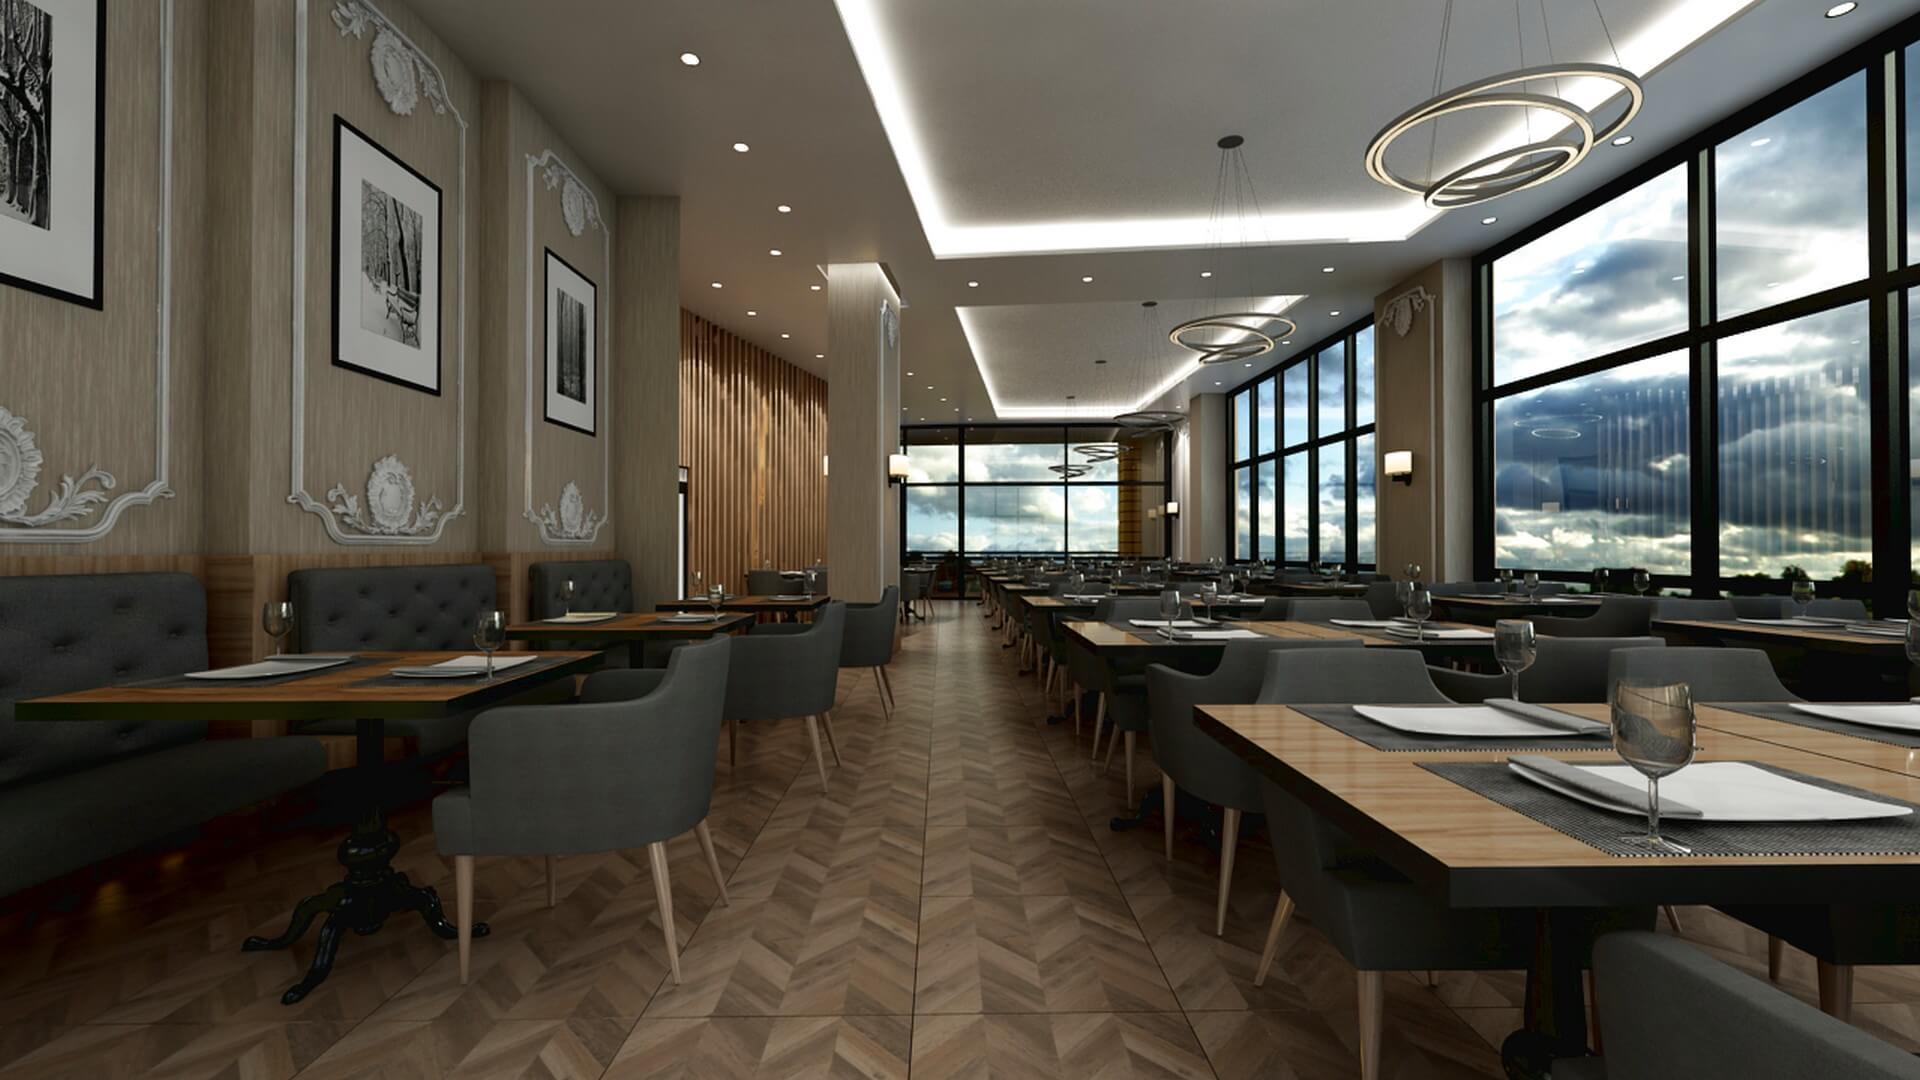 Restaurant interior design Otonomi Restaurant